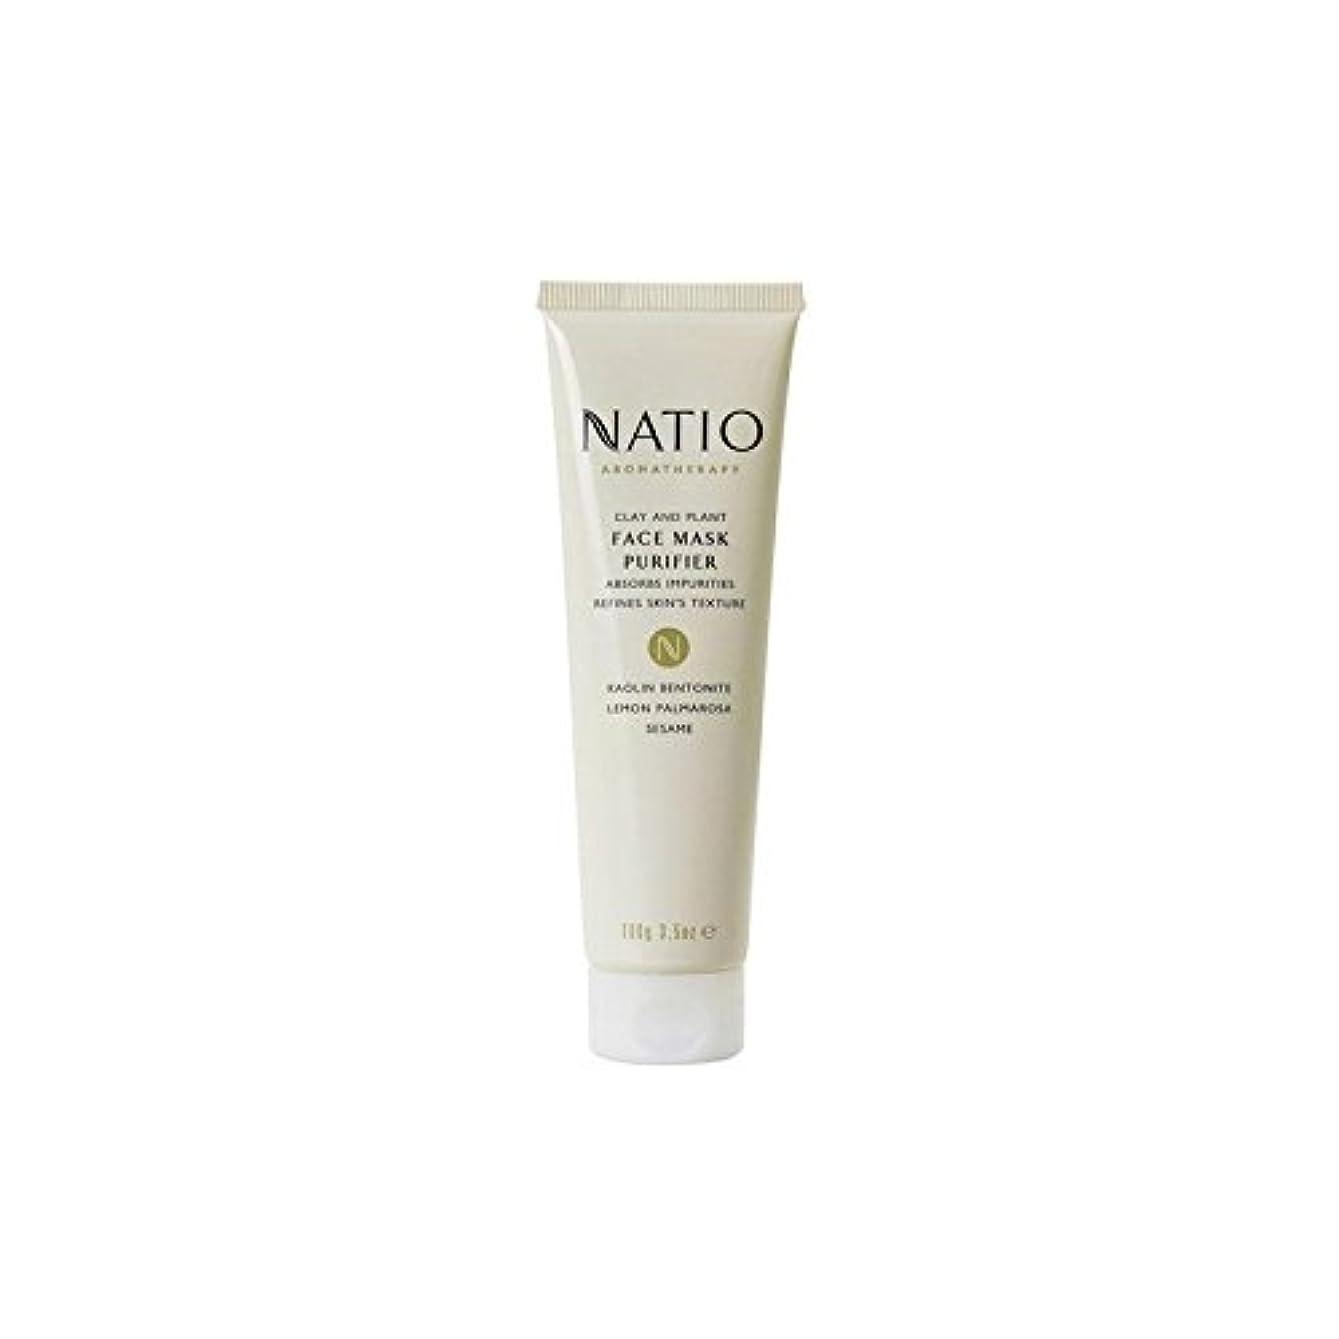 まとめるマイクロ里親Natio Clay & Plant Face Mask Purifier (100G) - 粘土&植物フェイスマスクの浄化(100グラム) [並行輸入品]